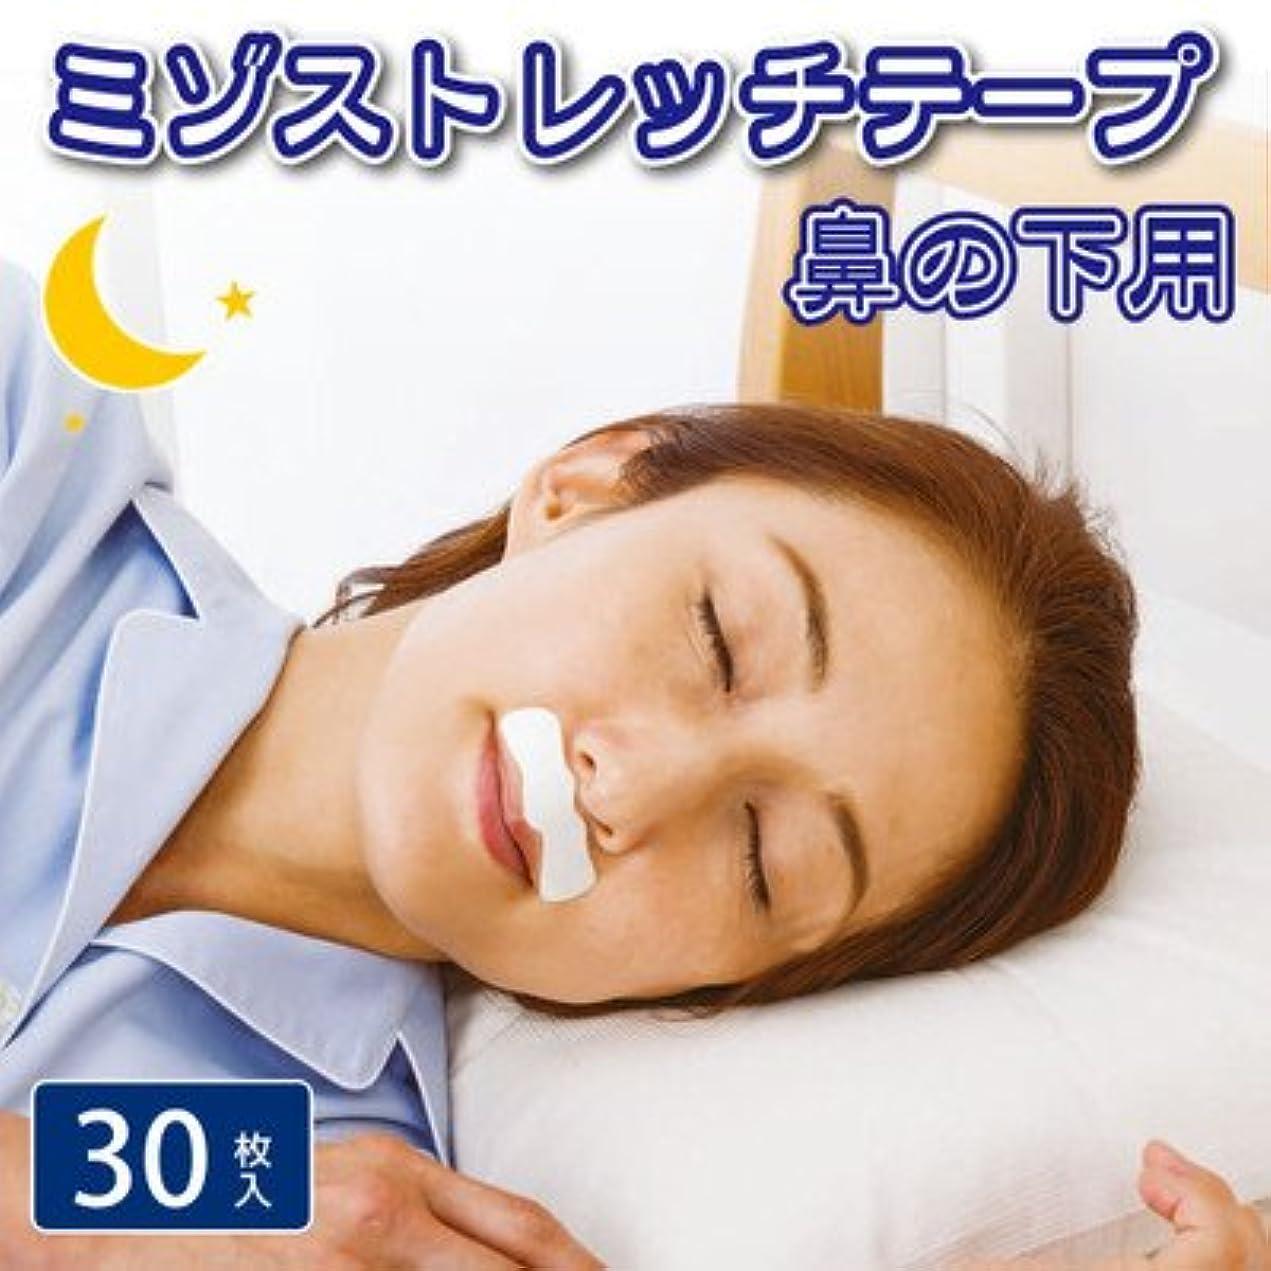 阻害する運搬四回貼って寝るだけ 翌朝ピーン ミゾストレッチテープ 鼻の下用